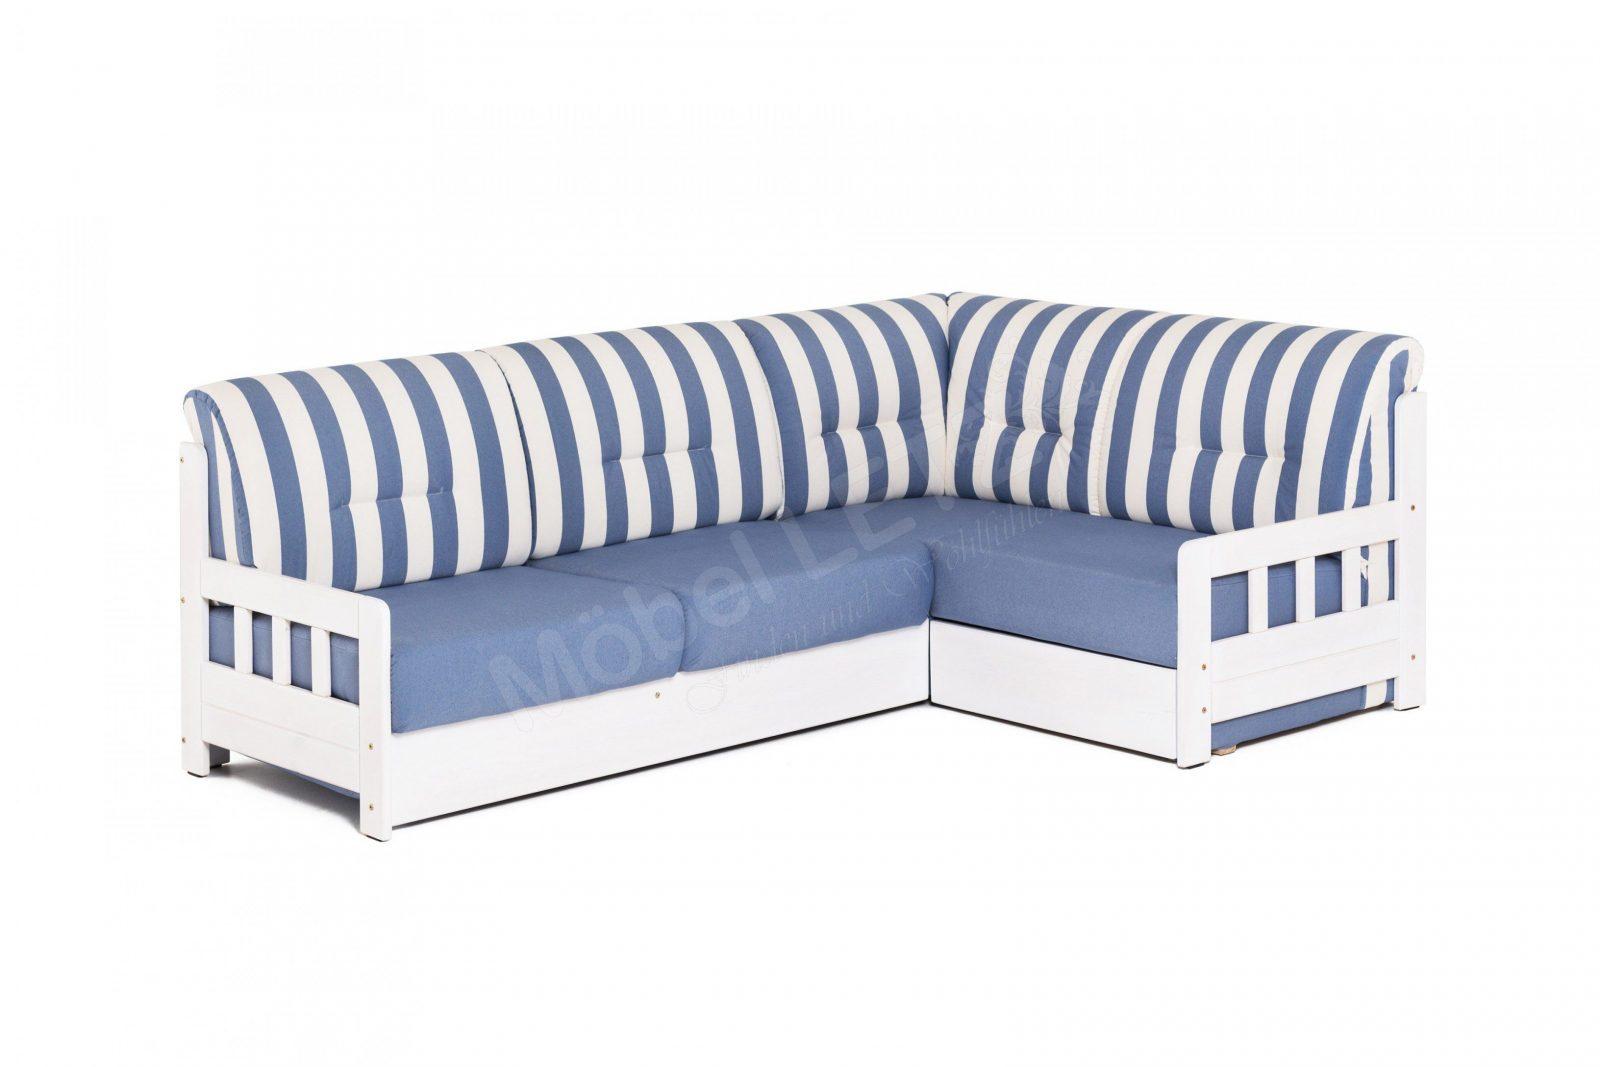 Benformato Campi Ecksofa Blauweißgestreift  Möbel Letz  Ihr von Sofa Blau Weiß Gestreift Photo